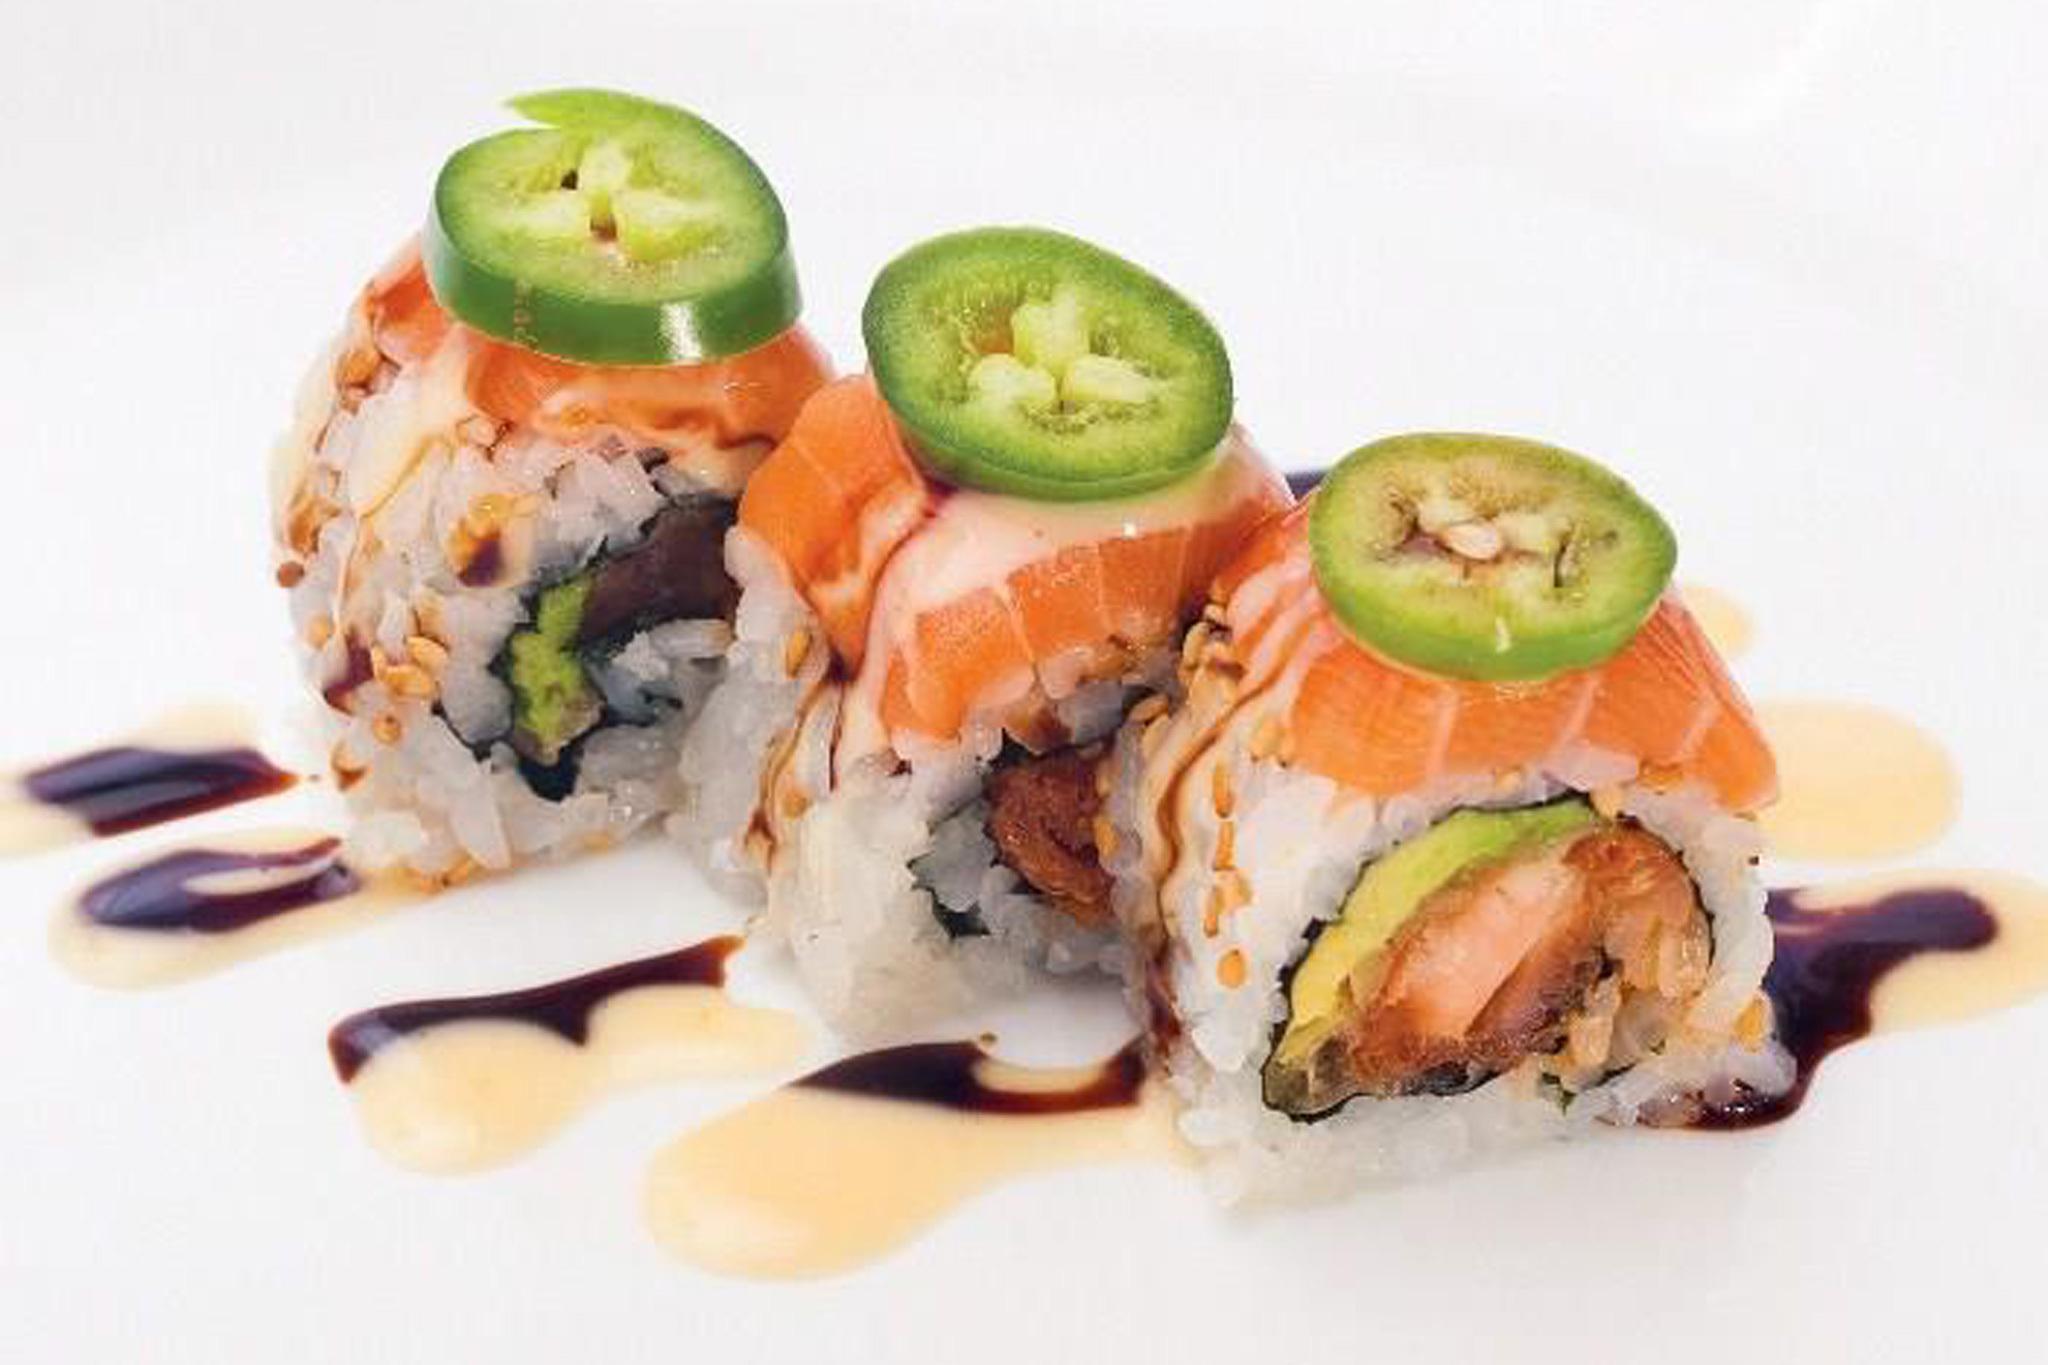 Conveyor belt sushi: Kula Sushi